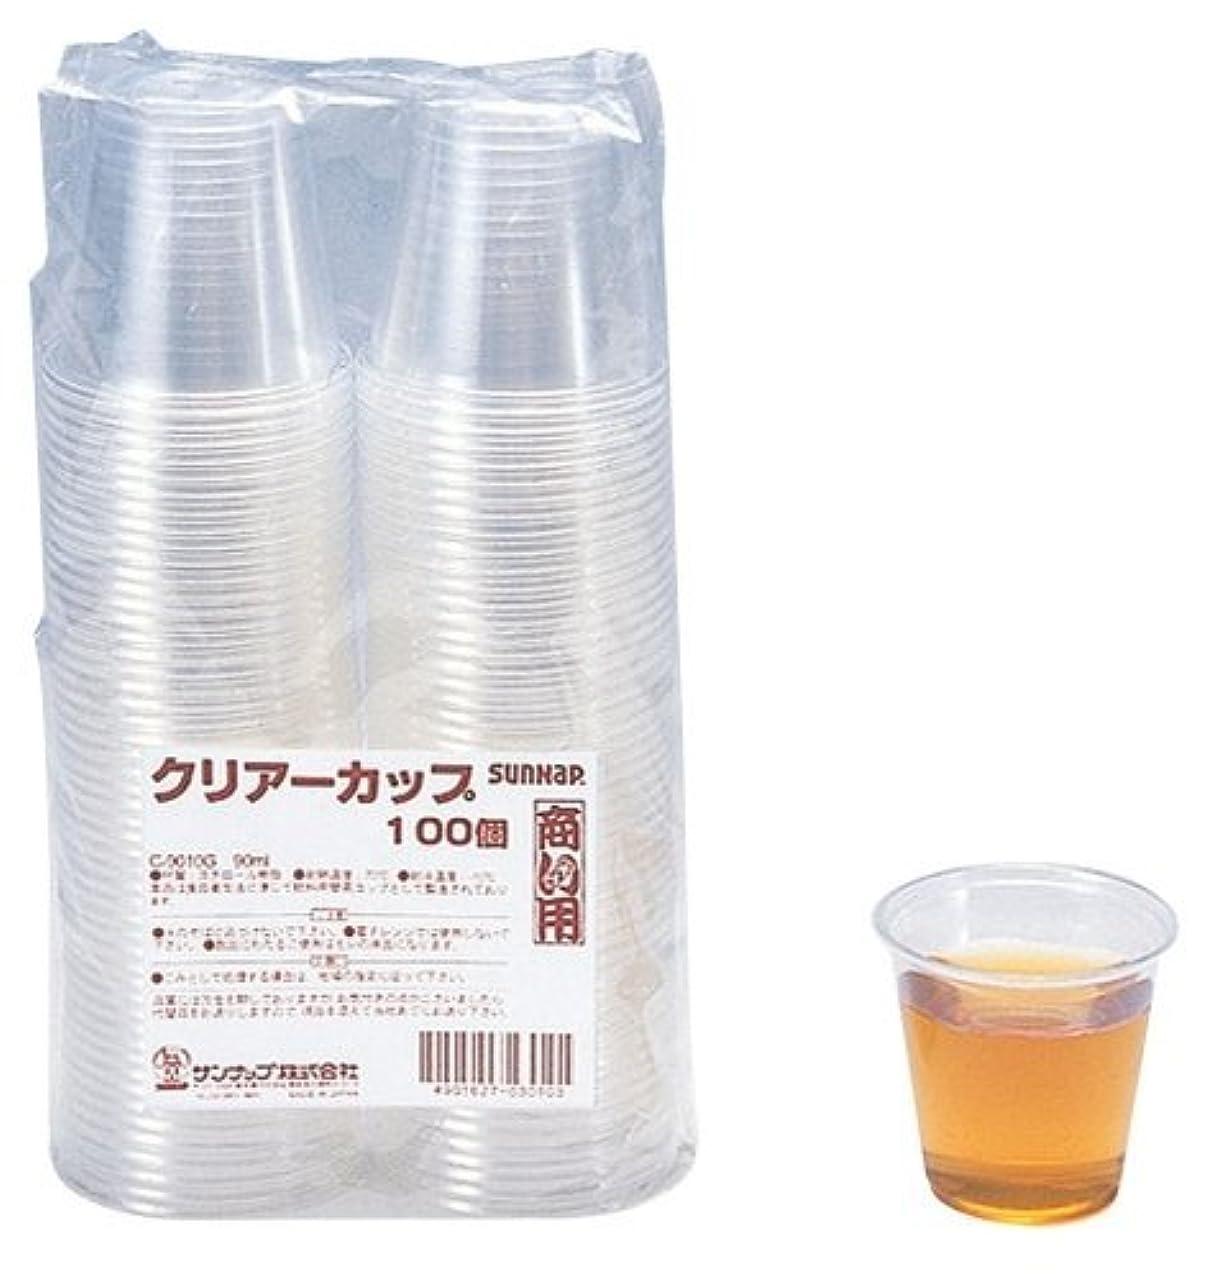 嫌悪寛容目立つ(まとめ買い) サンナップ 商い用クリアーカップ 90ml 100個 C-9010G 【×3】